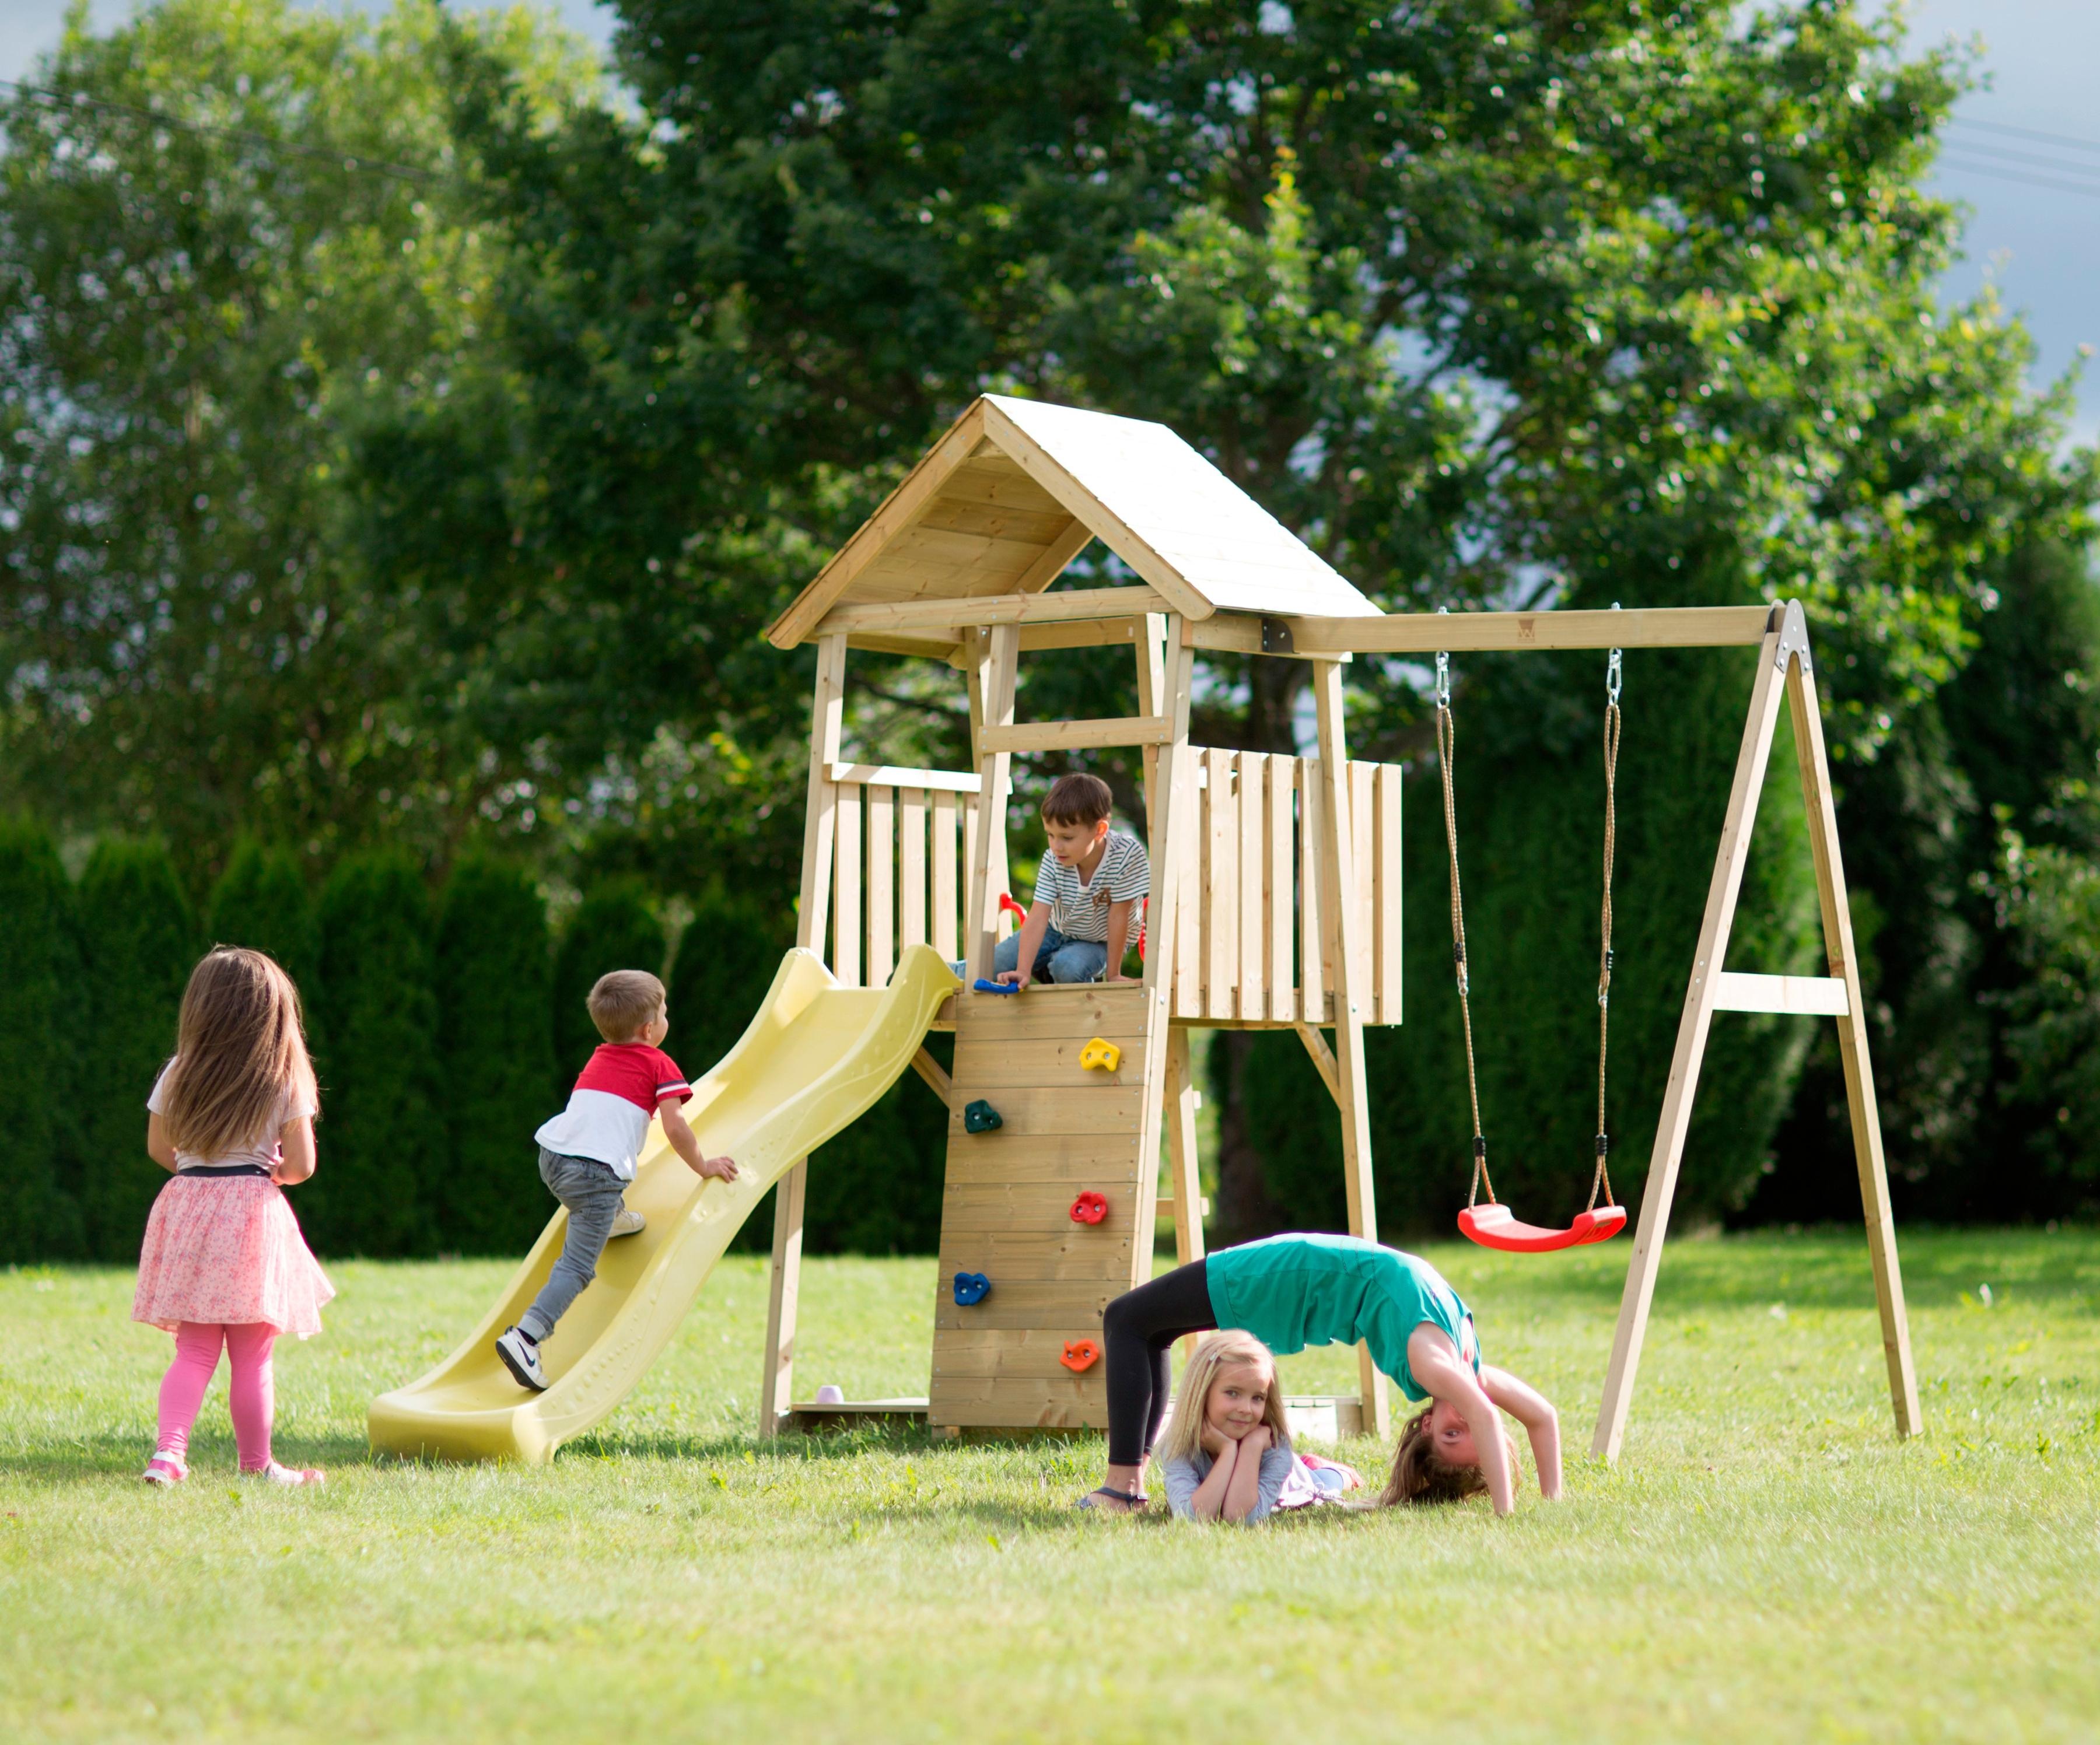 Empfehlung: Spielturm Biene Kletterwand Rutsche und Schaukel  von Wendi Toys*